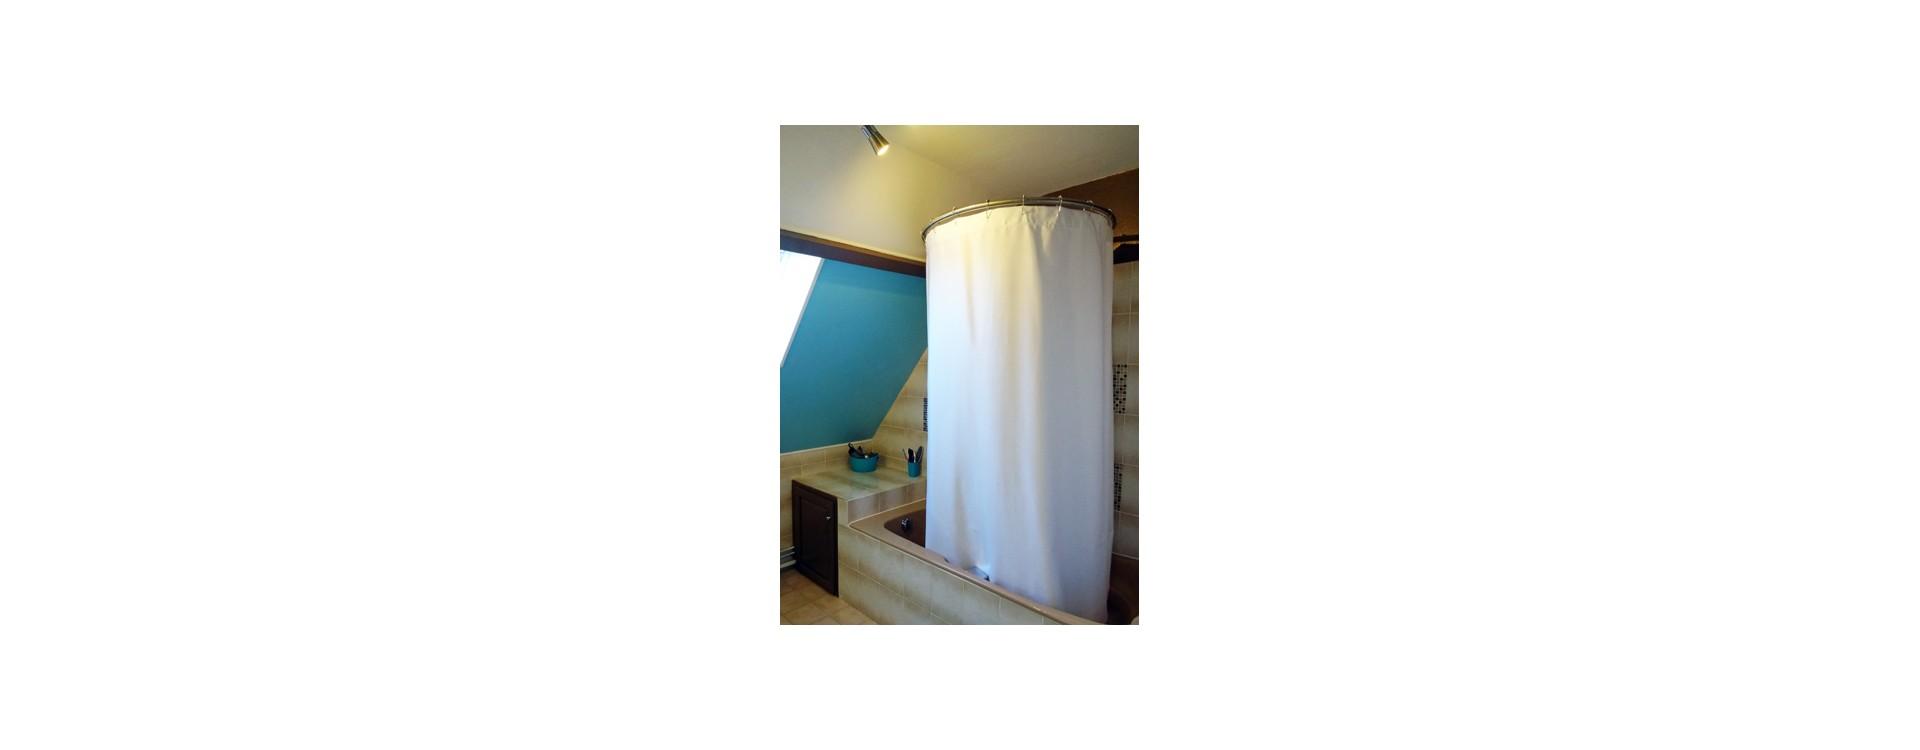 Baignoire Sous Les Combles baignoire en sous pente et solution circulaire de galbobain